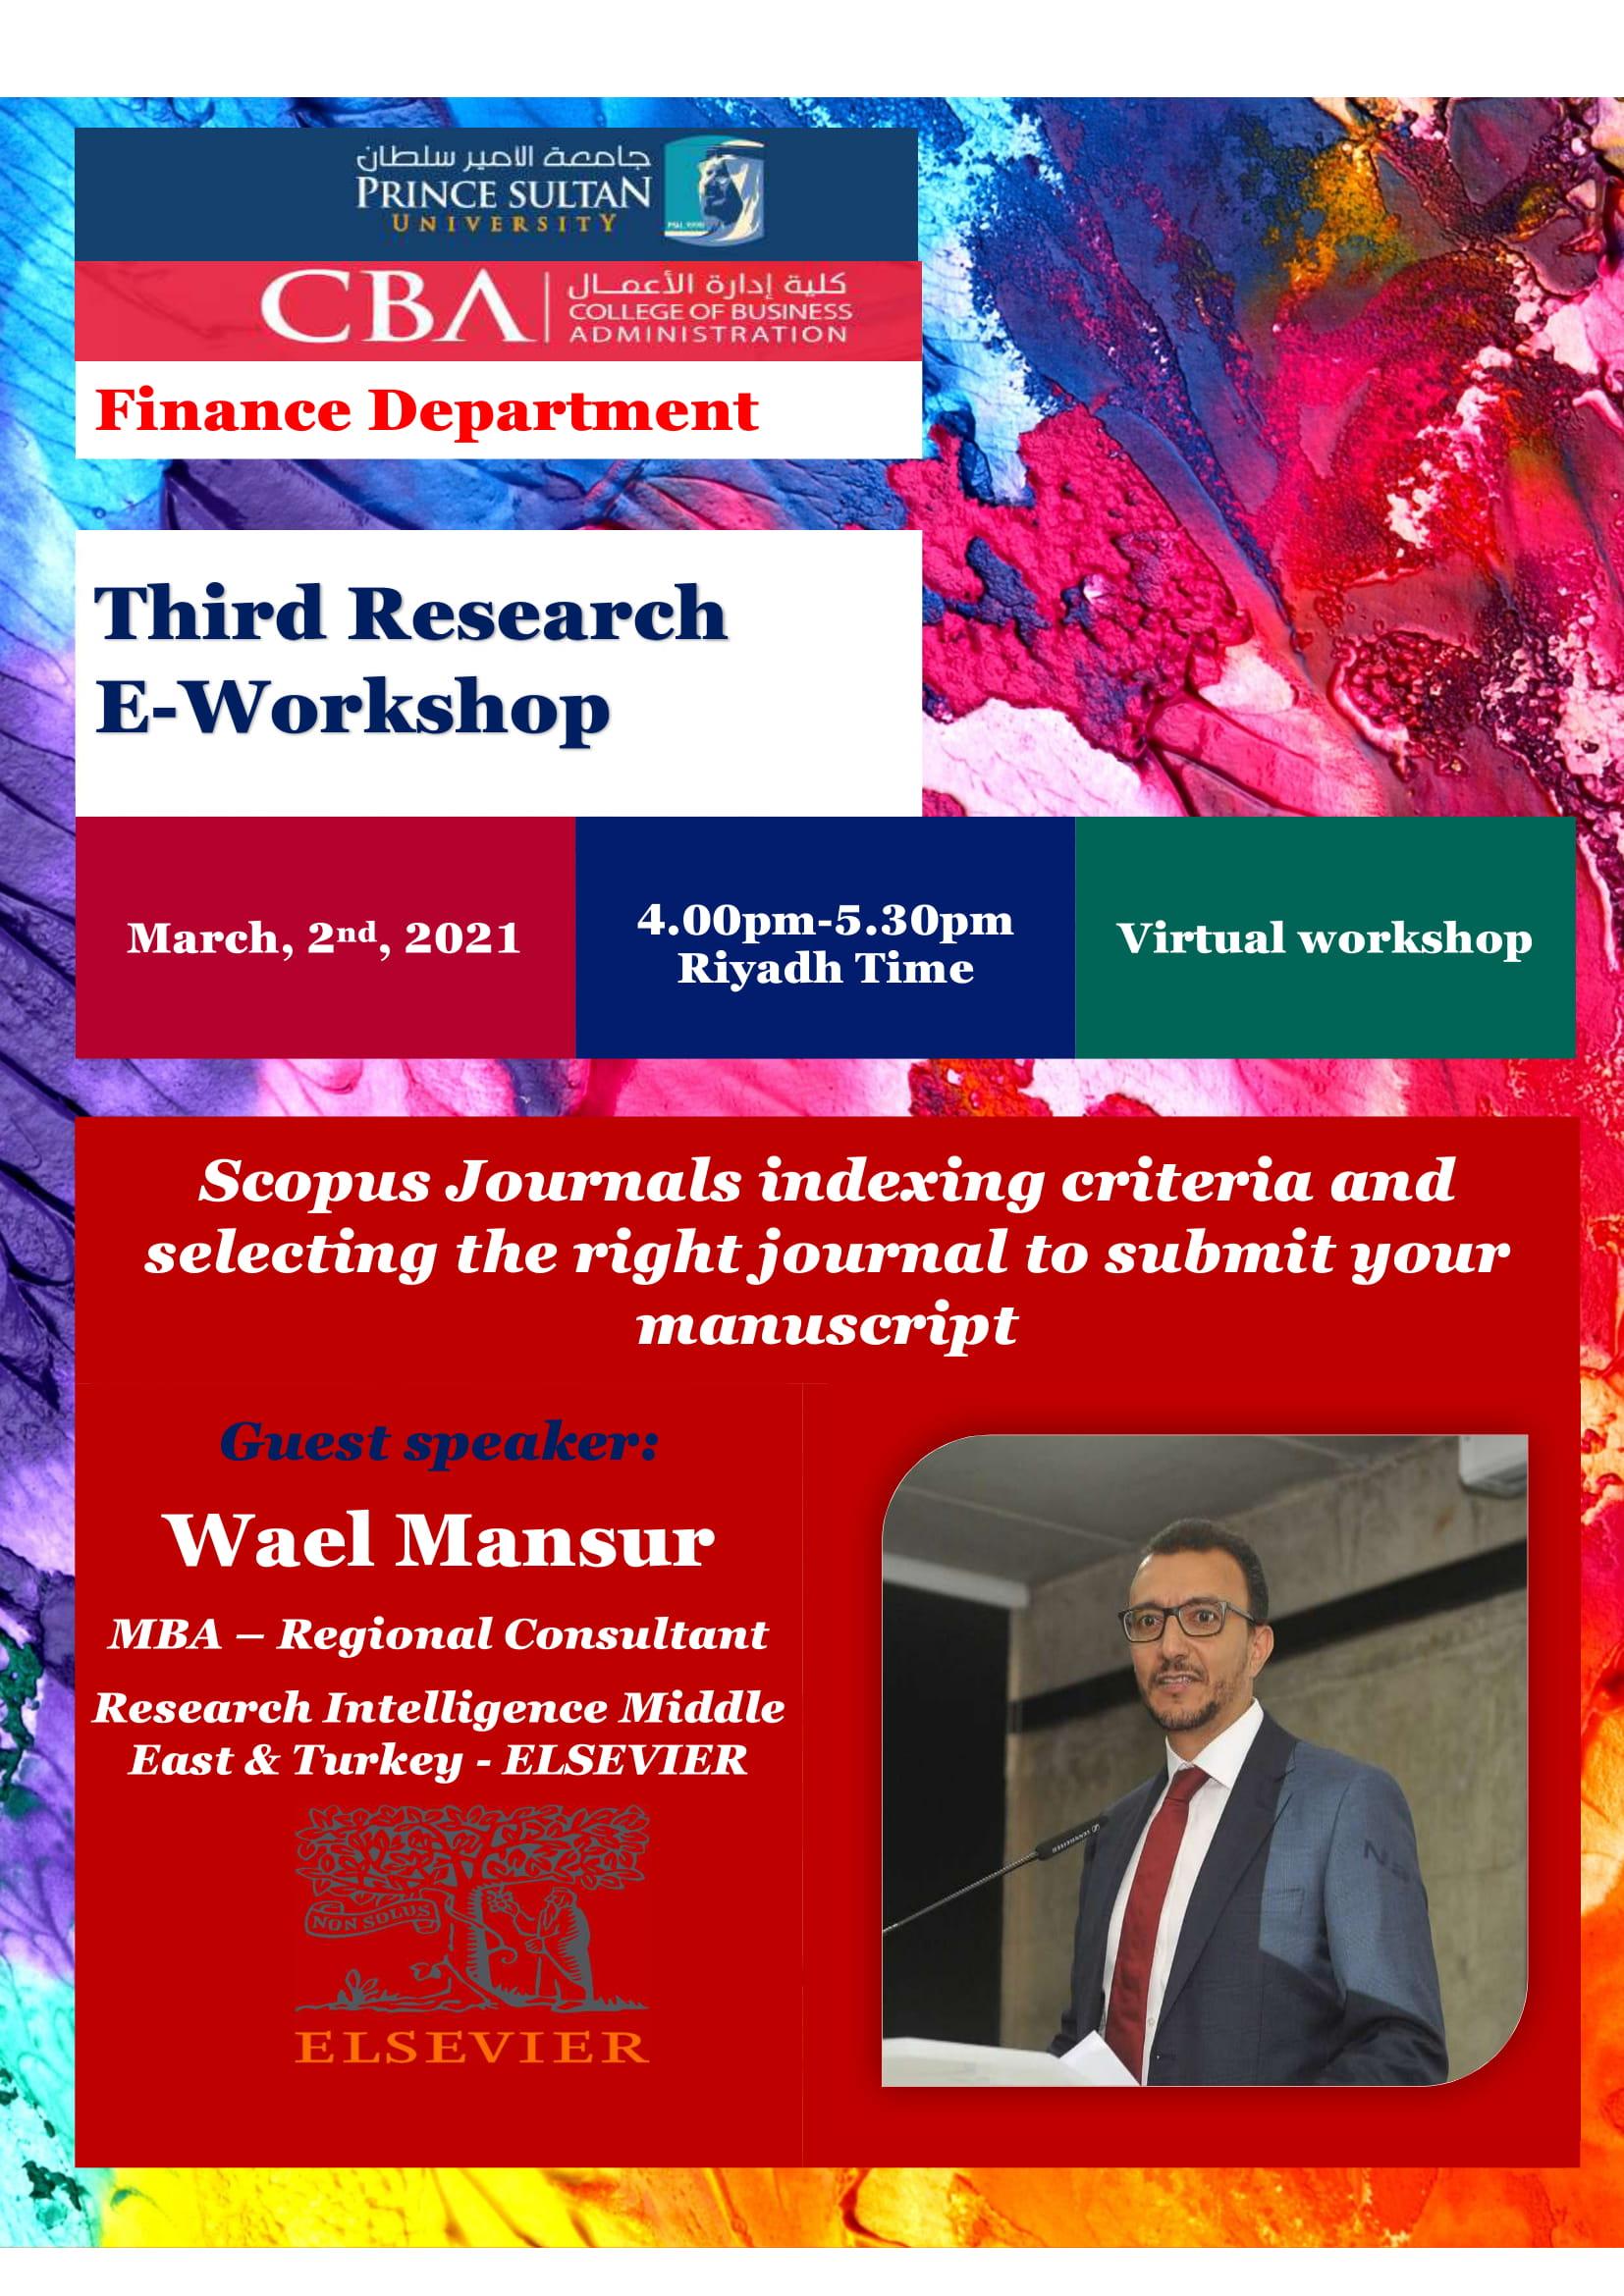 ورشة العمل الثالثة للبحوث - قسم المالية